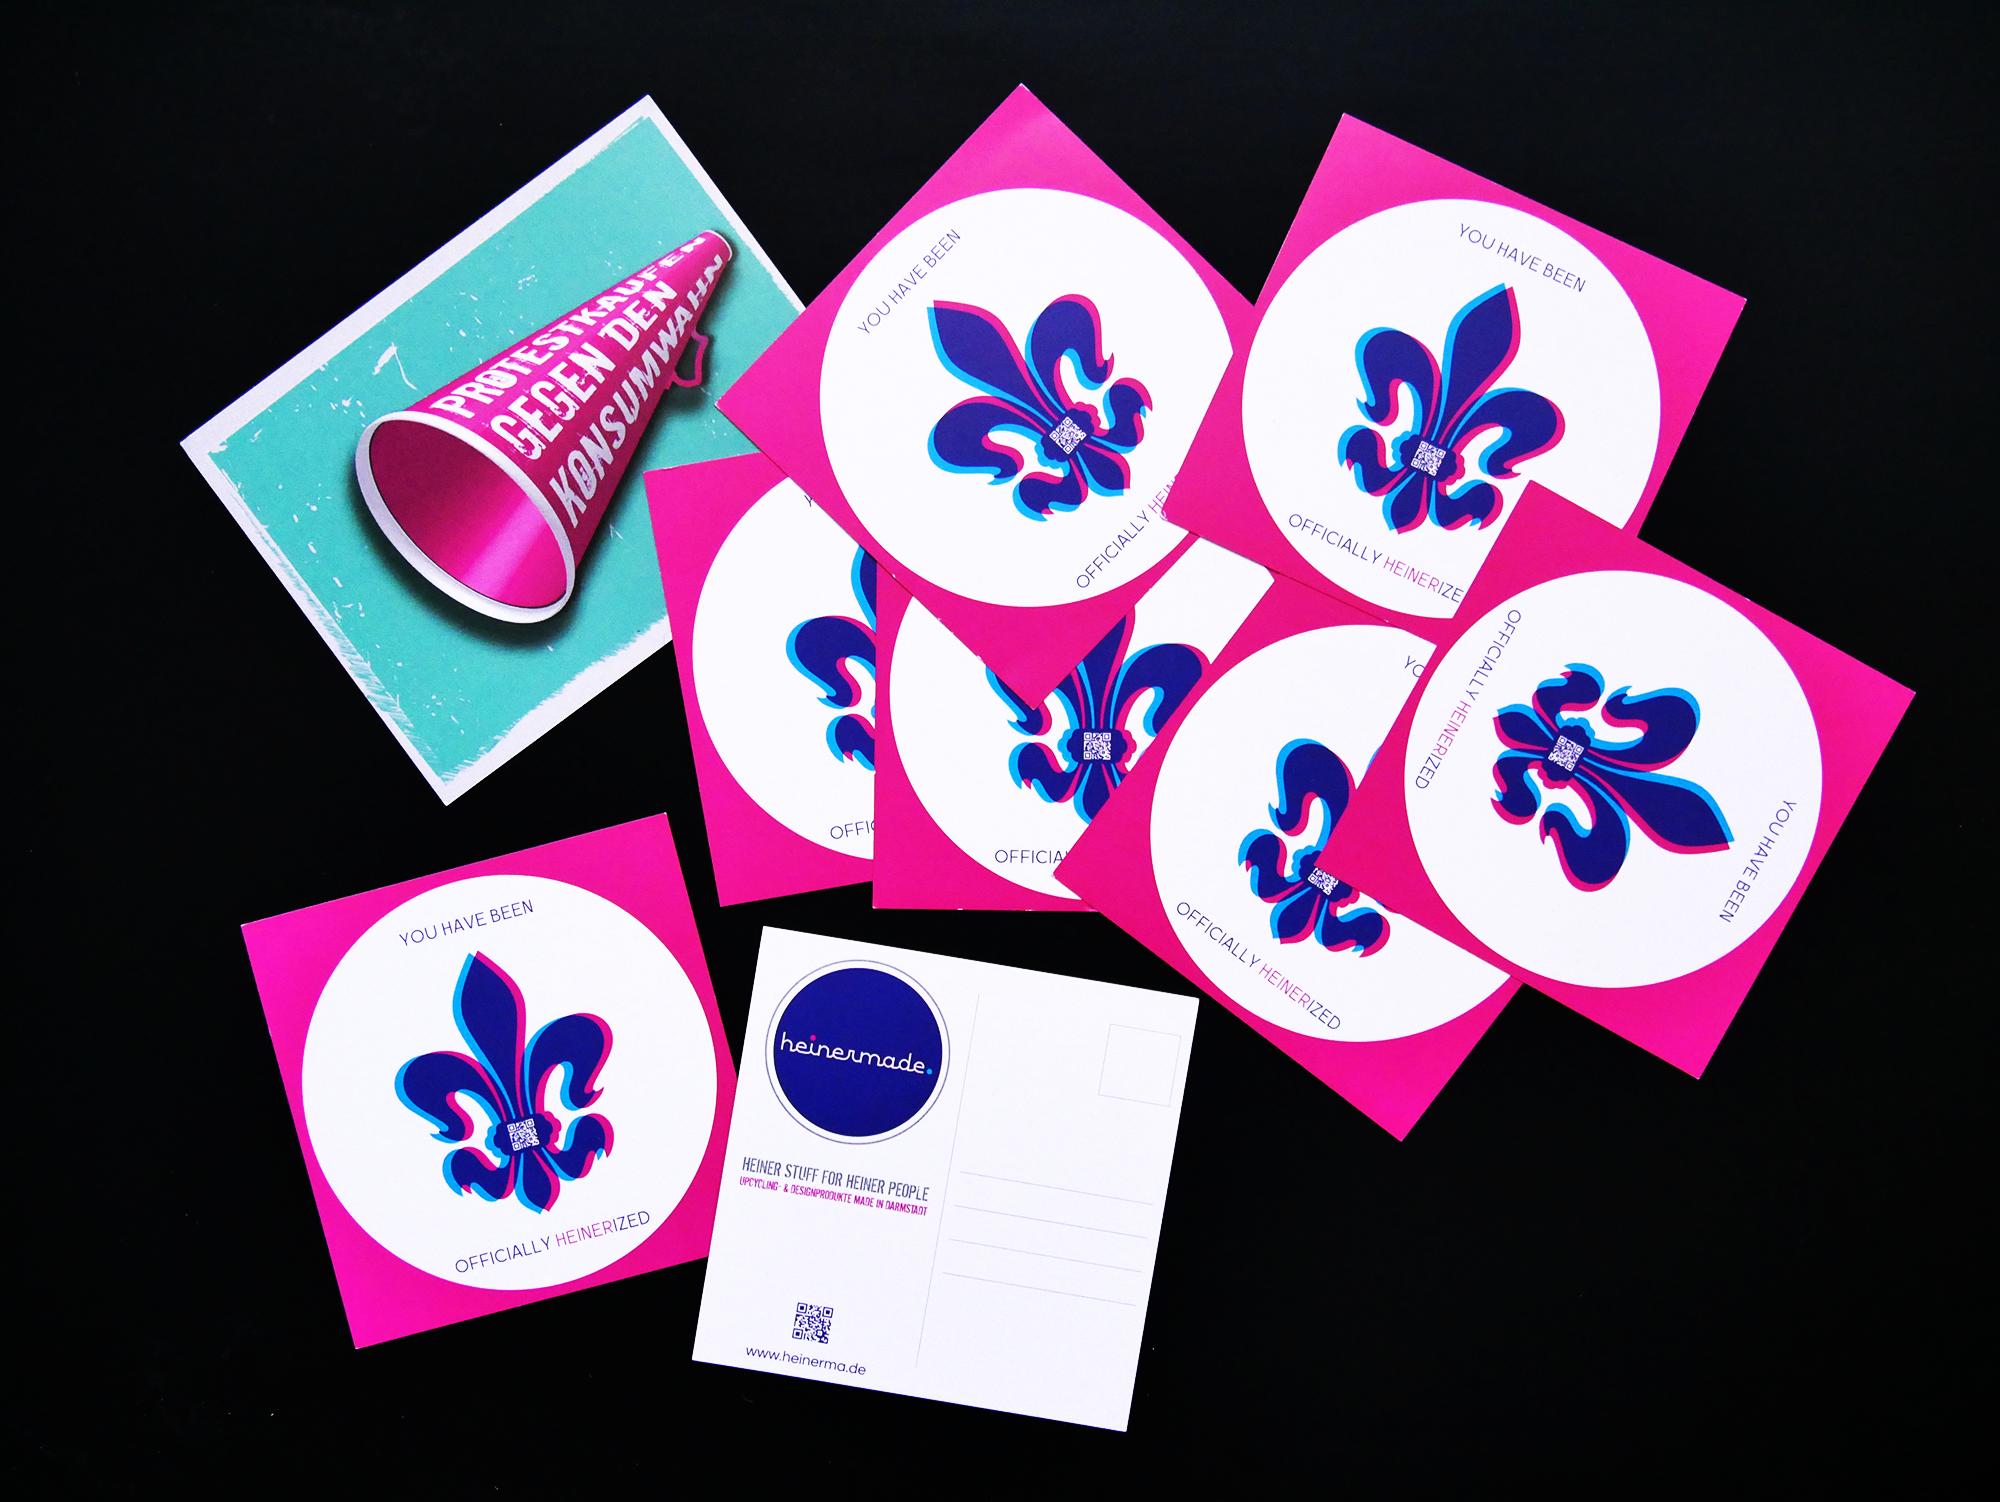 Flyer-Design: als klassische Postkarte oder in quadratischem Format der Flyer, Druck 4/4-farbig matt auf 300g/qm Papier, Flyer kann als Postkarte verwendet werden.